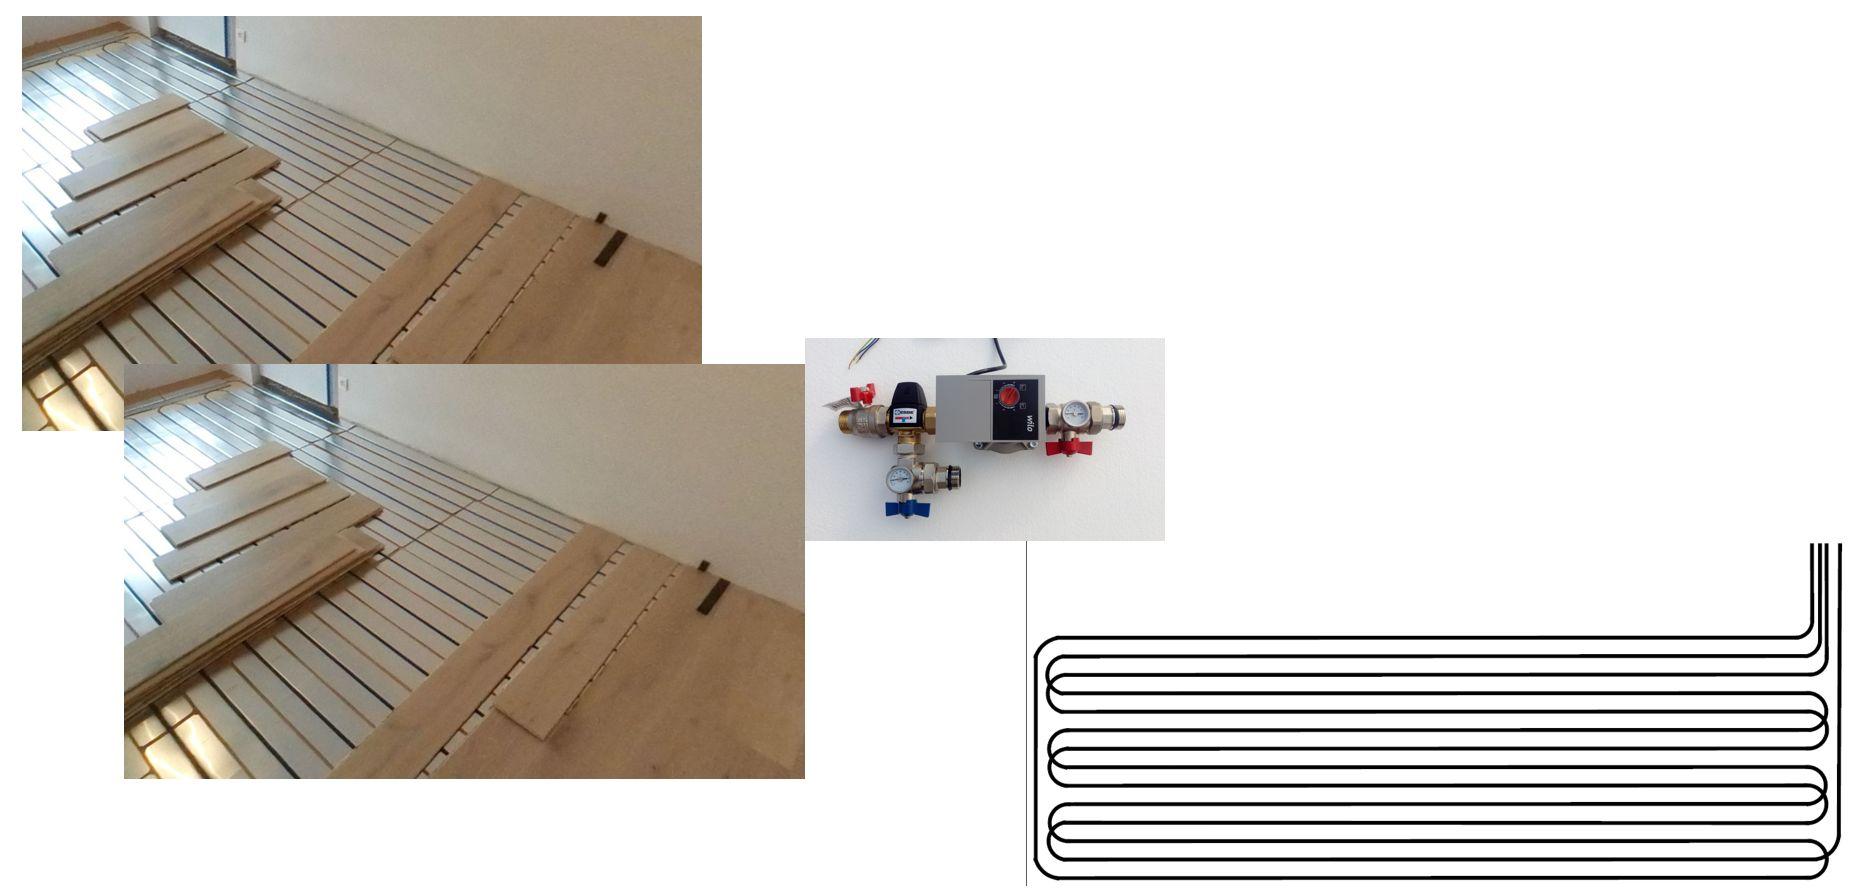 Climatisation pour combles 2 pièces - plancher chauffant rafraîchissant - géocooling